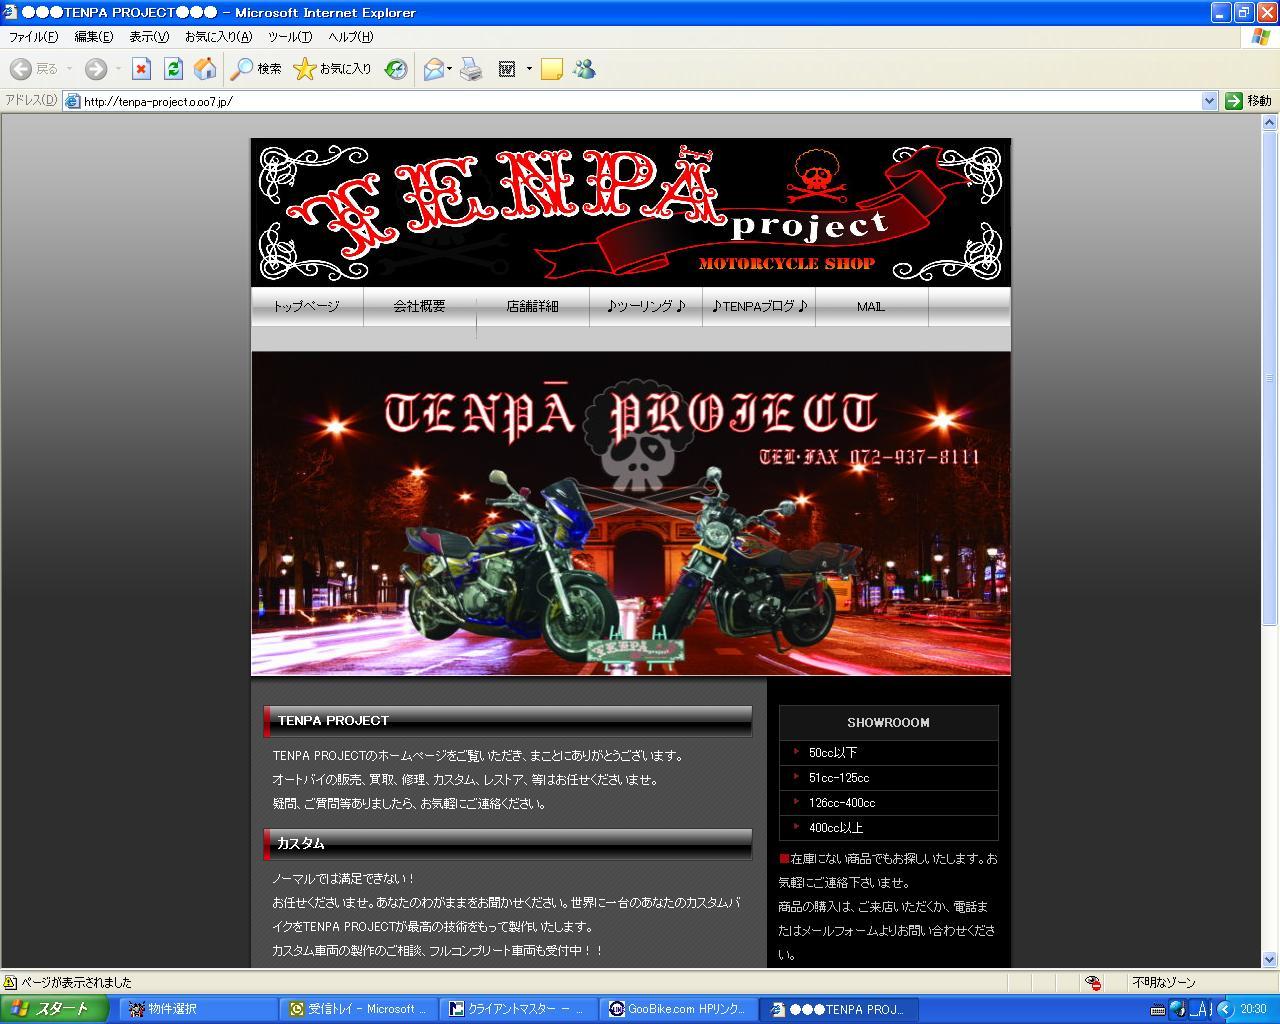 TENPA PROJECT テンパープロジェクト